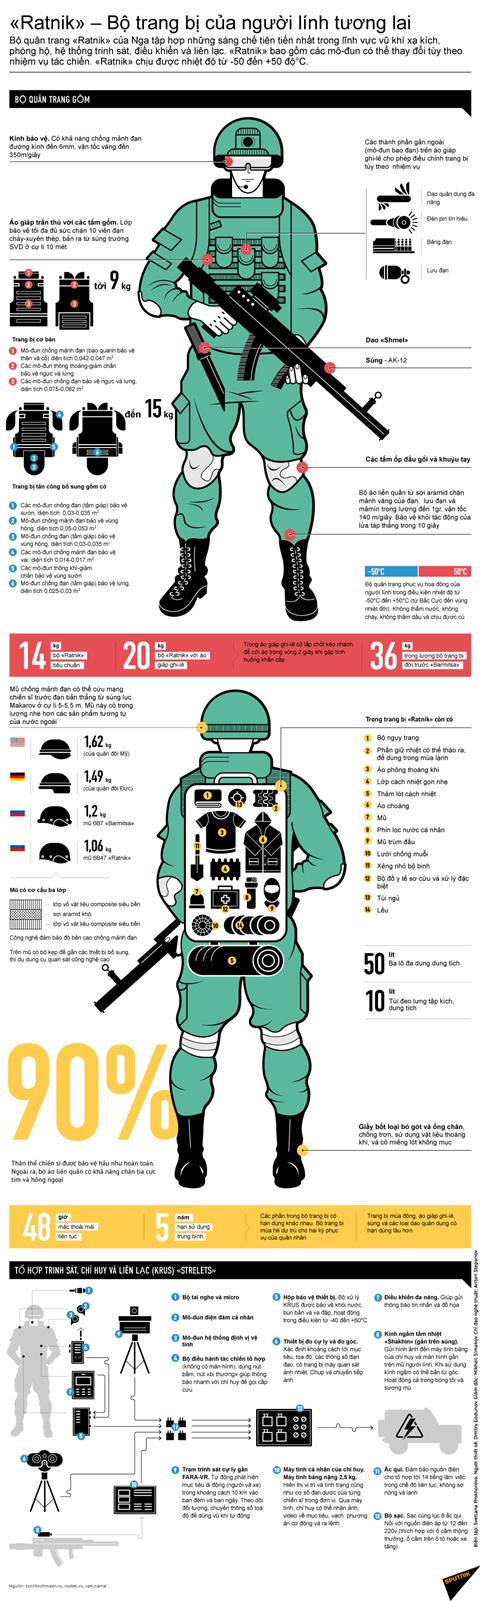 Bộ quân trang cực hiện đại của binh lính Nga - Ảnh: Sputnik